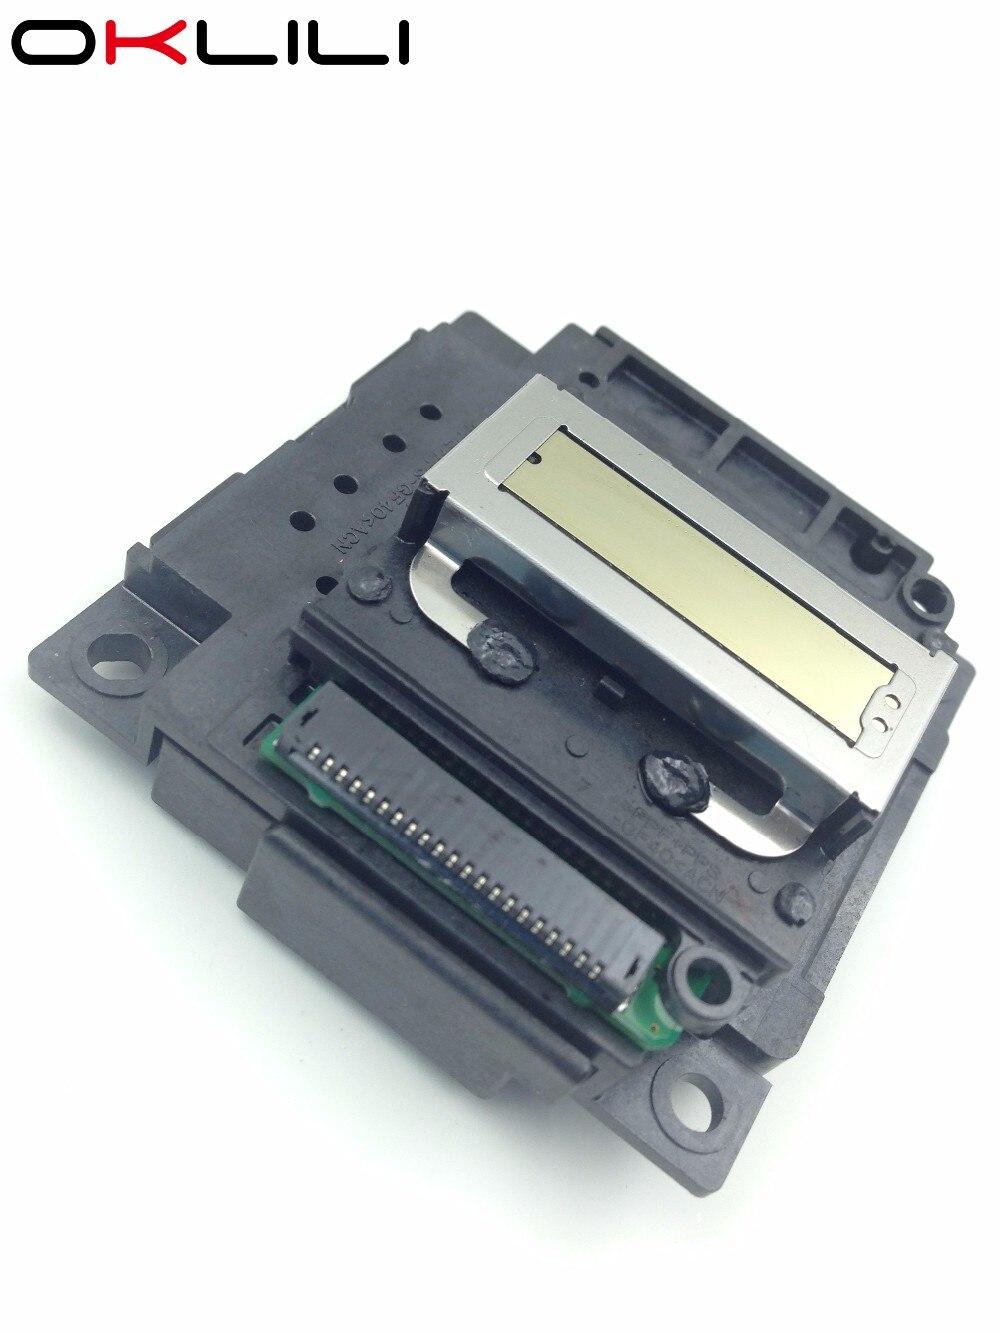 FA04010 FA04000 Druckkopf Druckkopf für Epson L132 L130 L220 L222 L310 L362 L365 L366 L455 L456 L565 L566 WF-2630 XP-332 WF2630